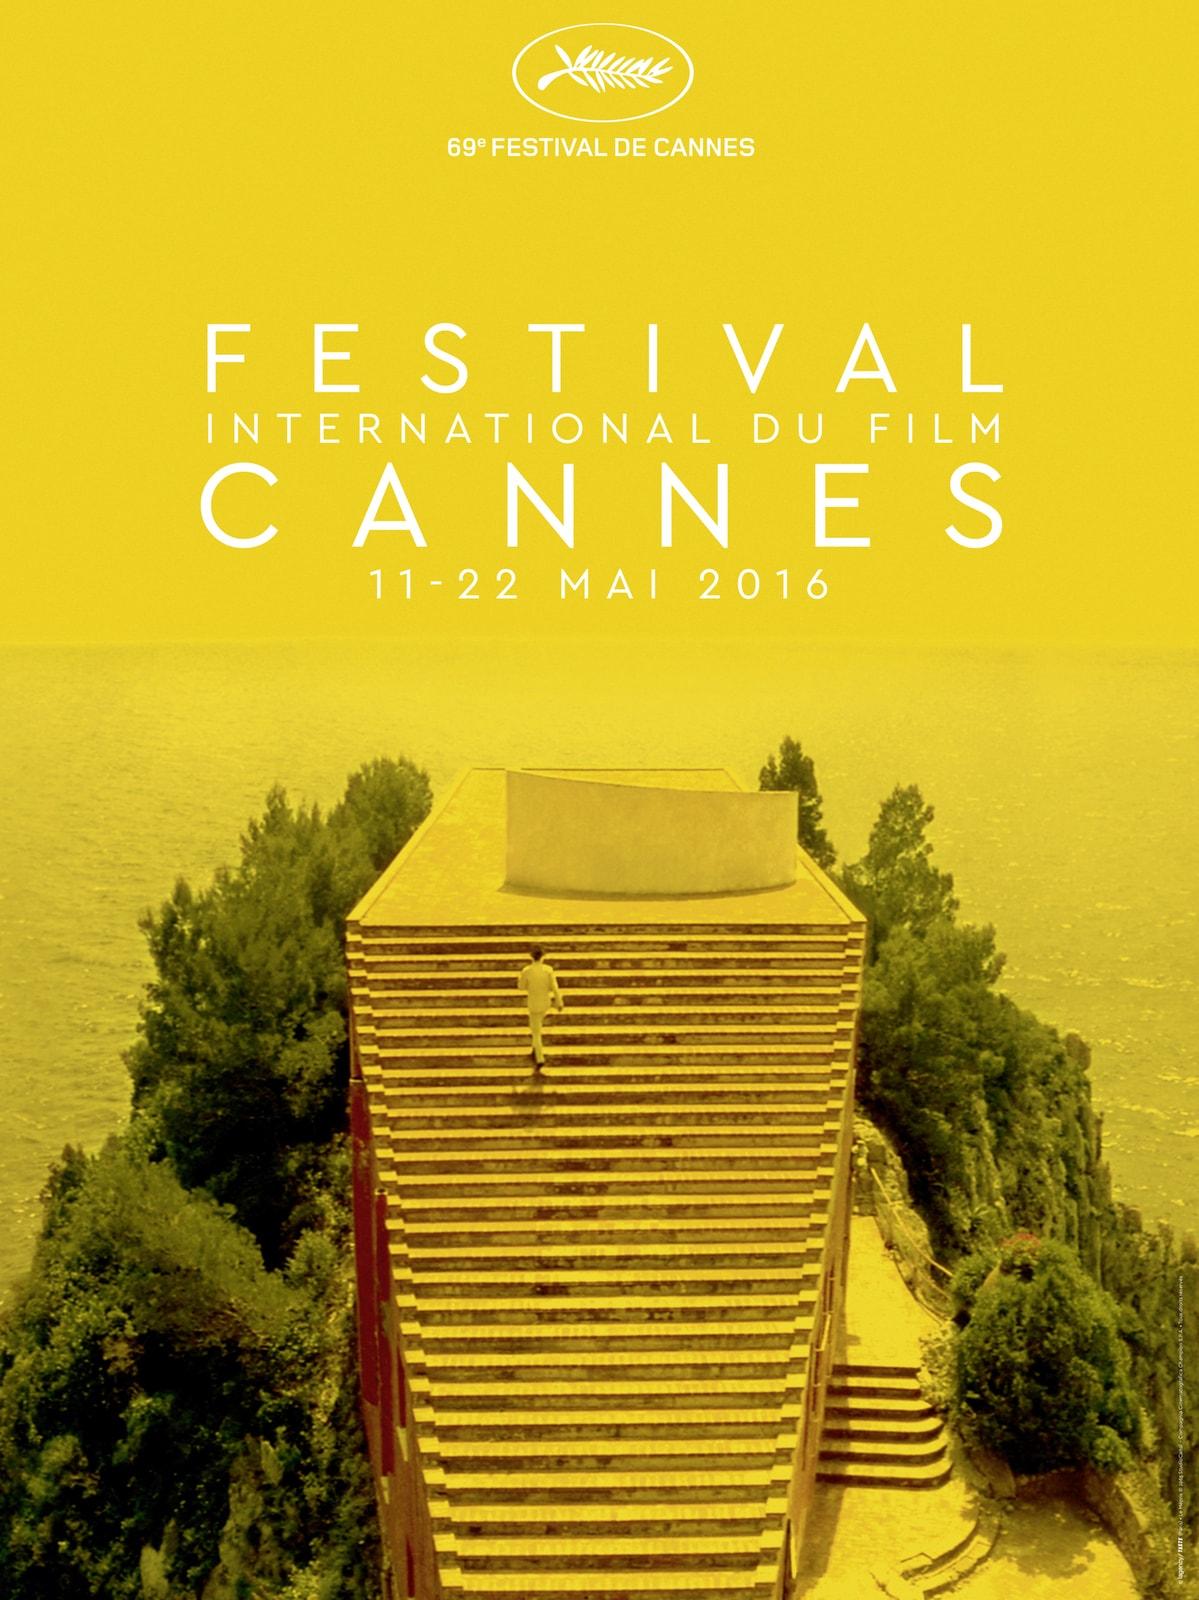 Le-Festival-de-Cannes-2016